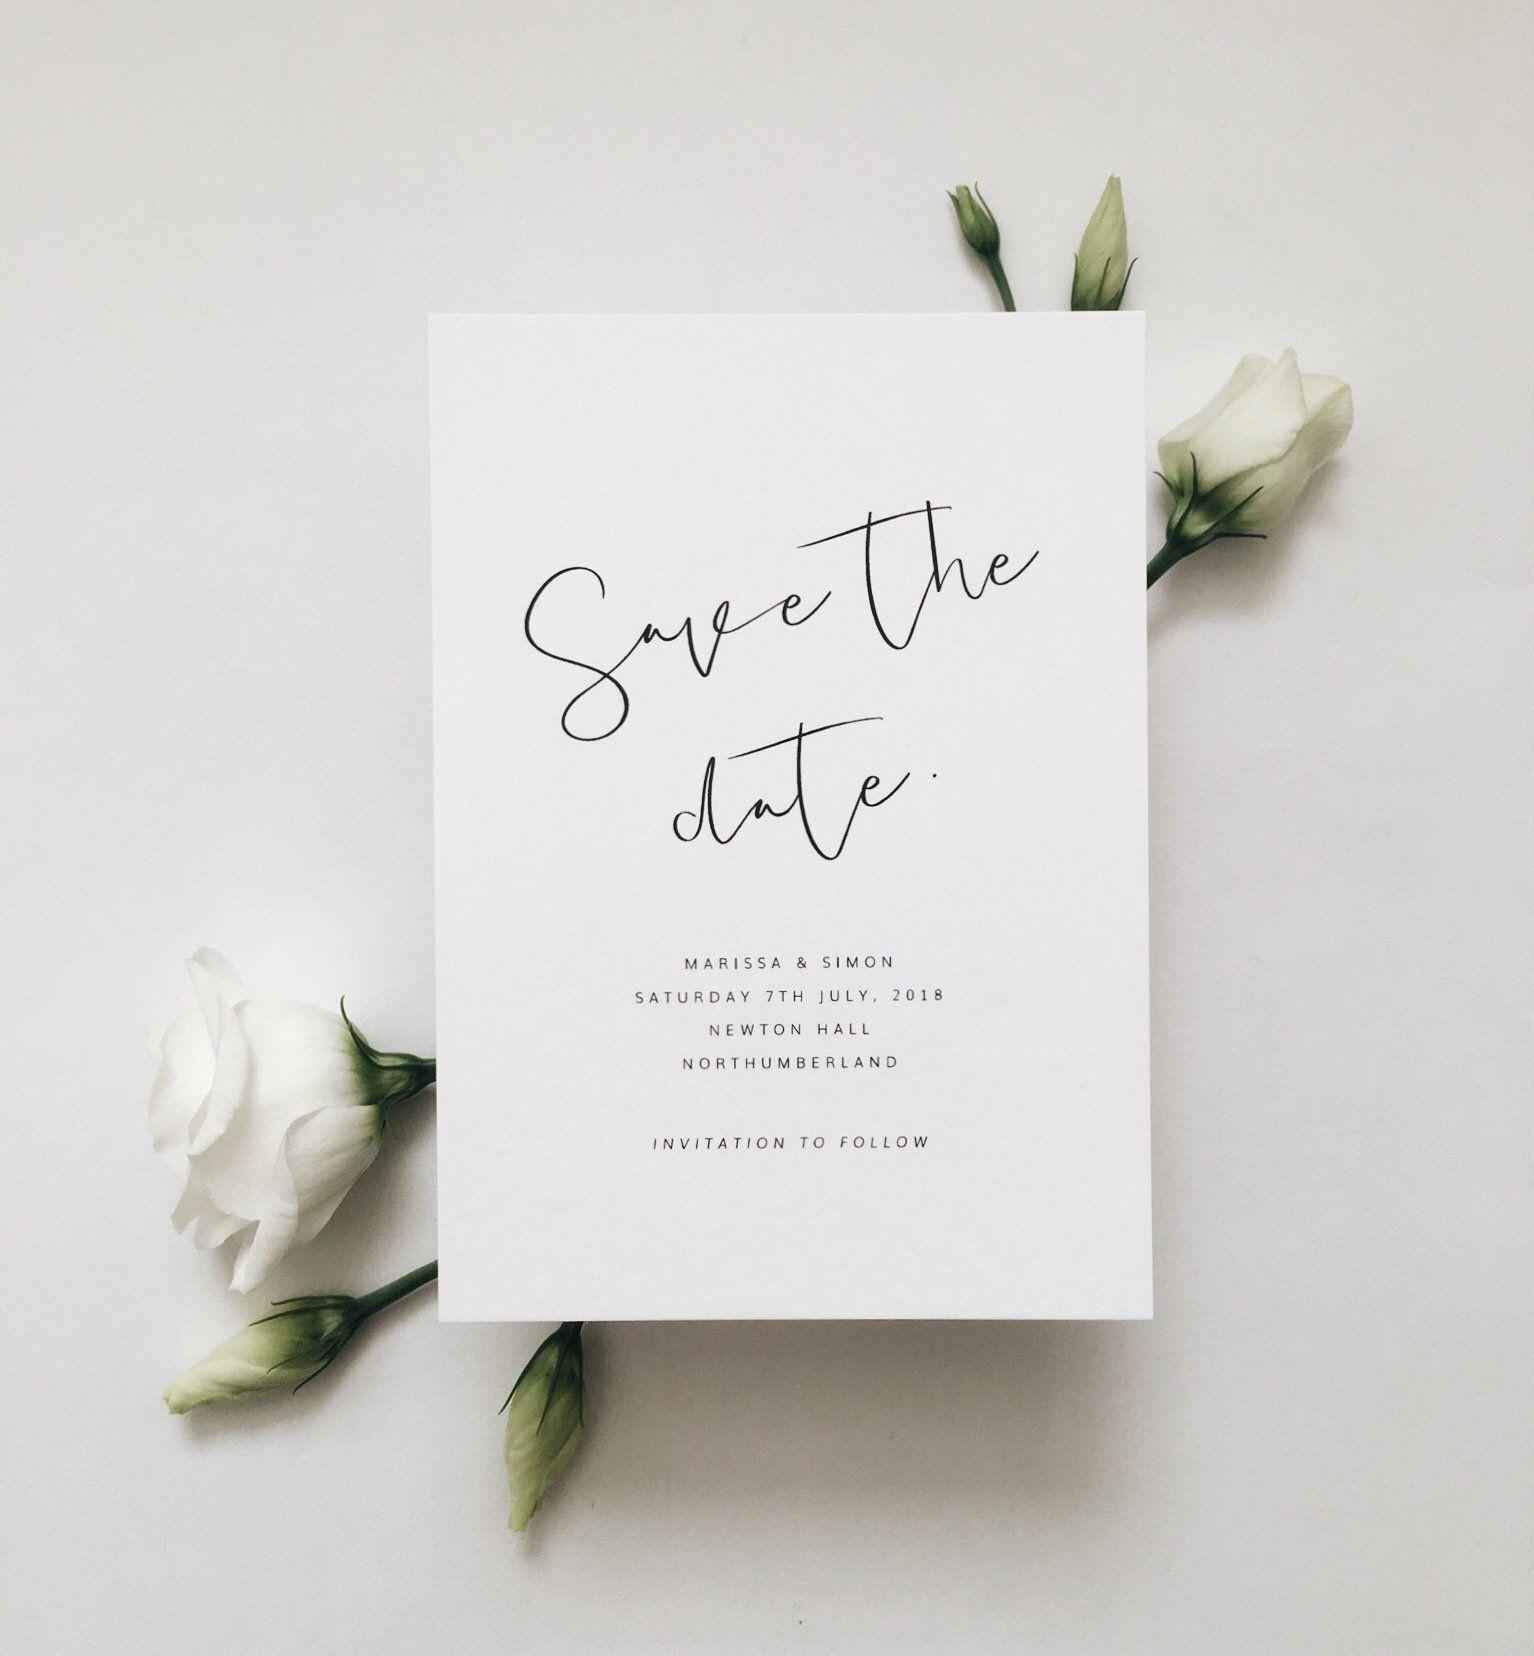 Azalea Save The Date, Wedding Invitation Set, Minimal